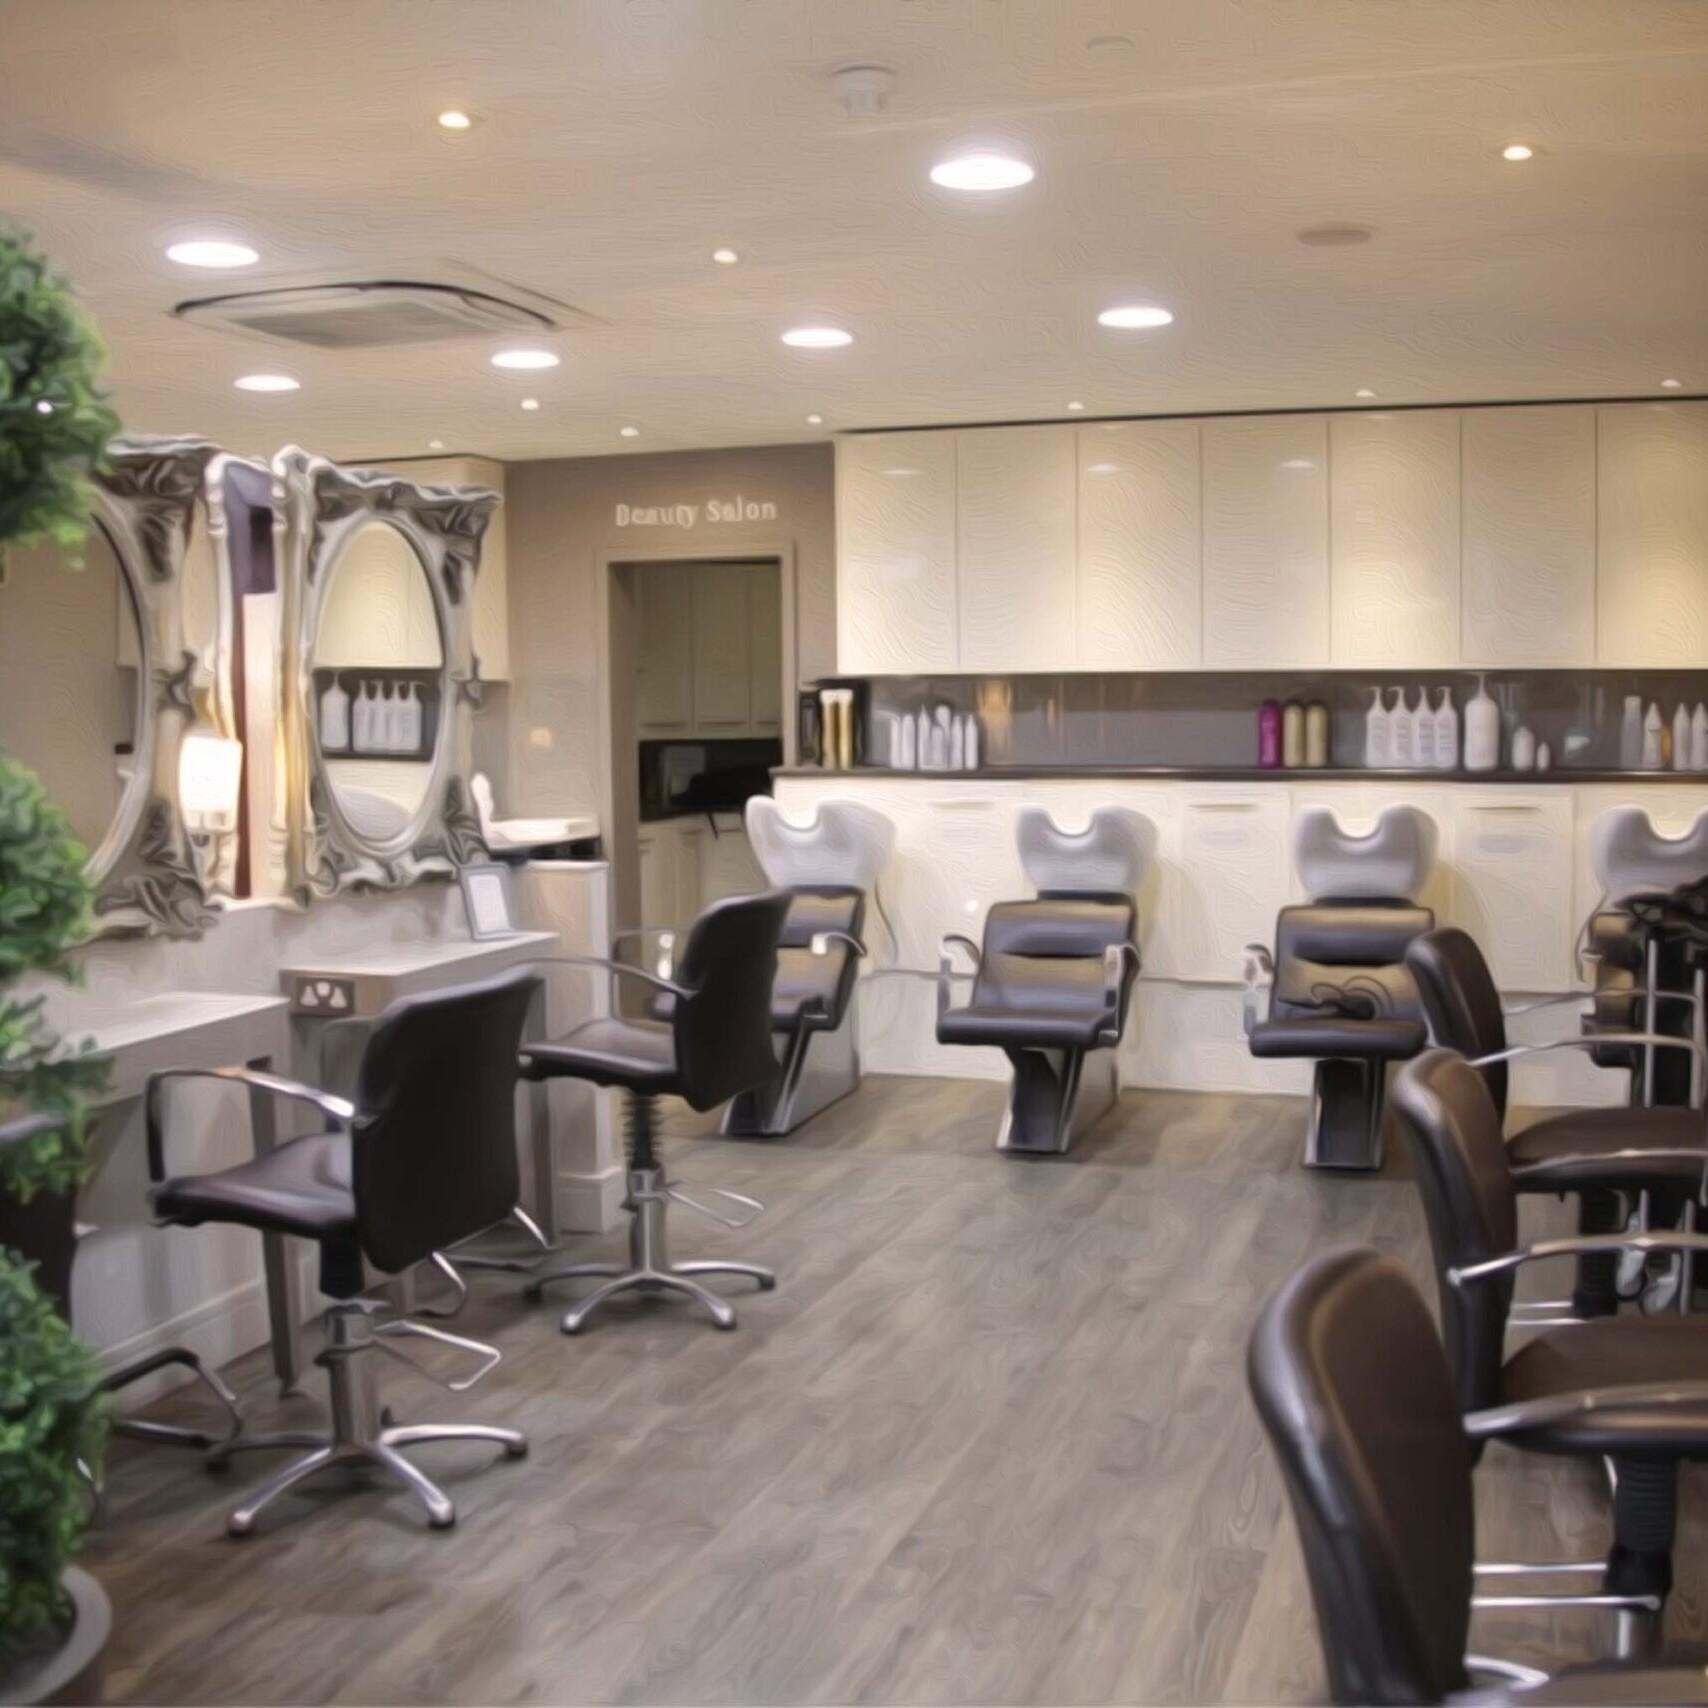 Our Hair Salon in Amersham